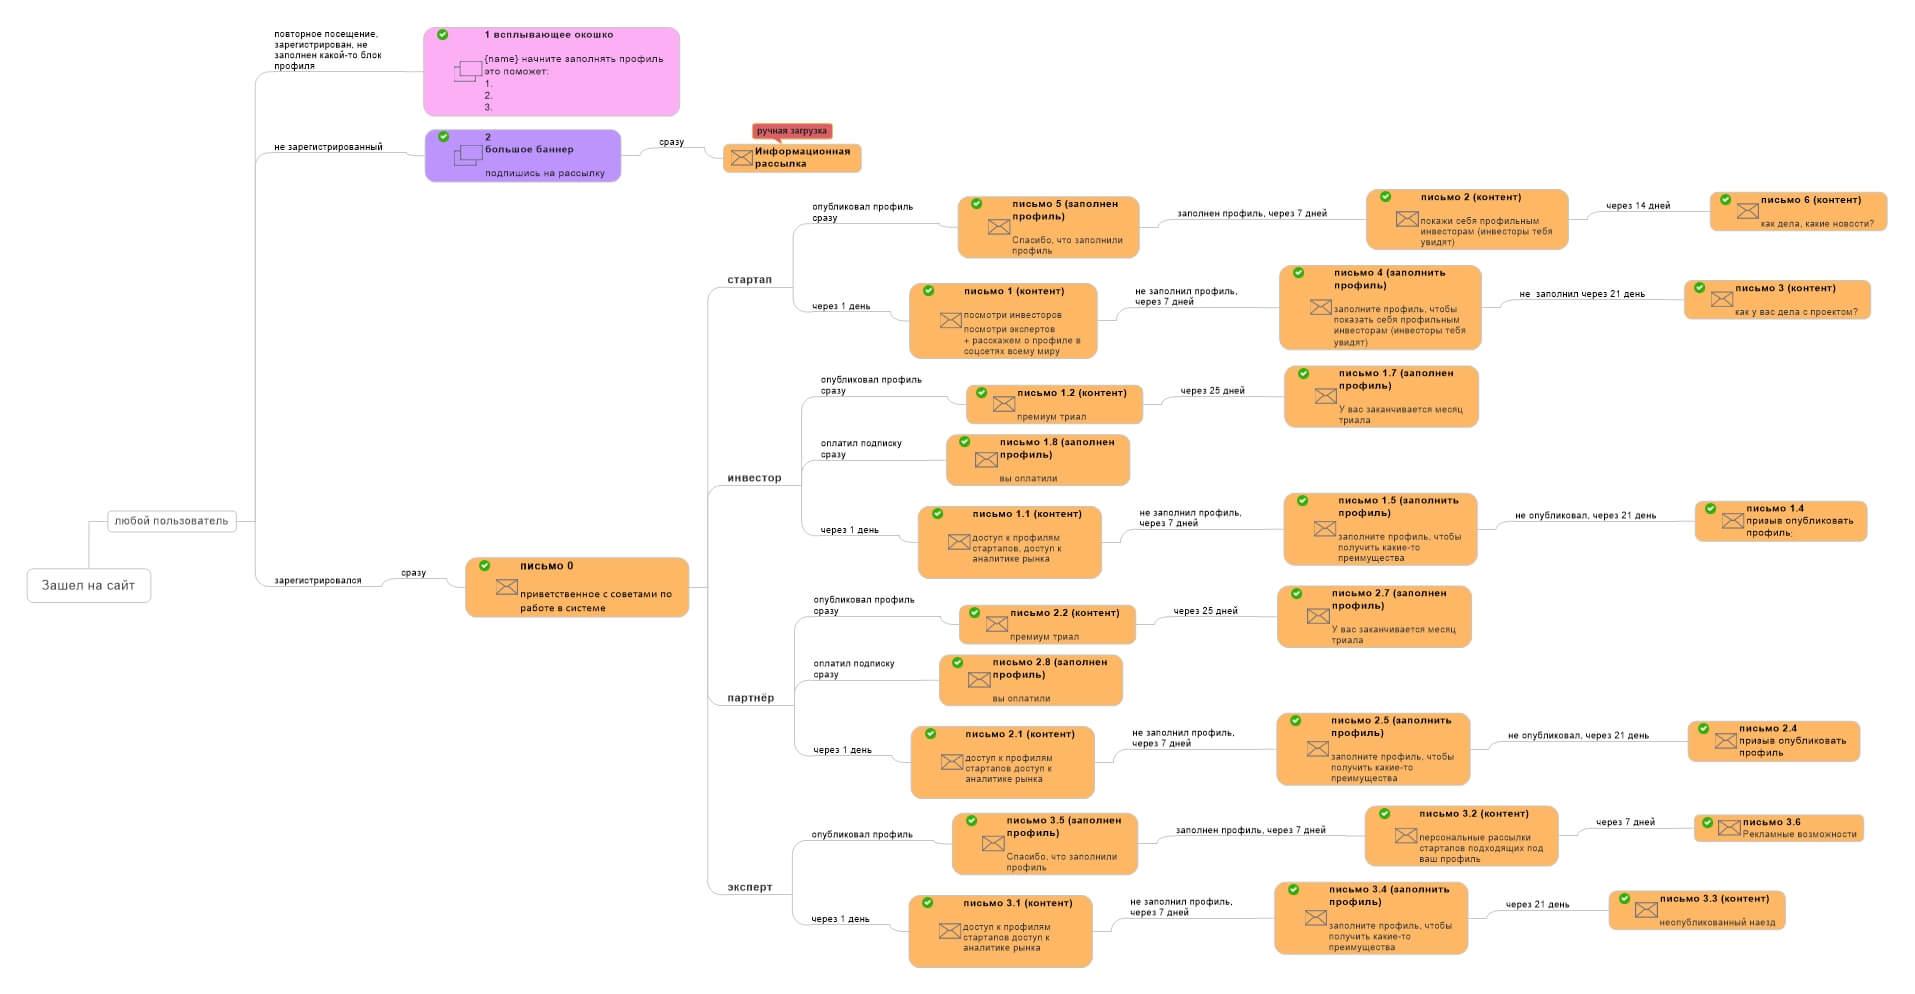 разветвленная карта коммуникаций InnMind